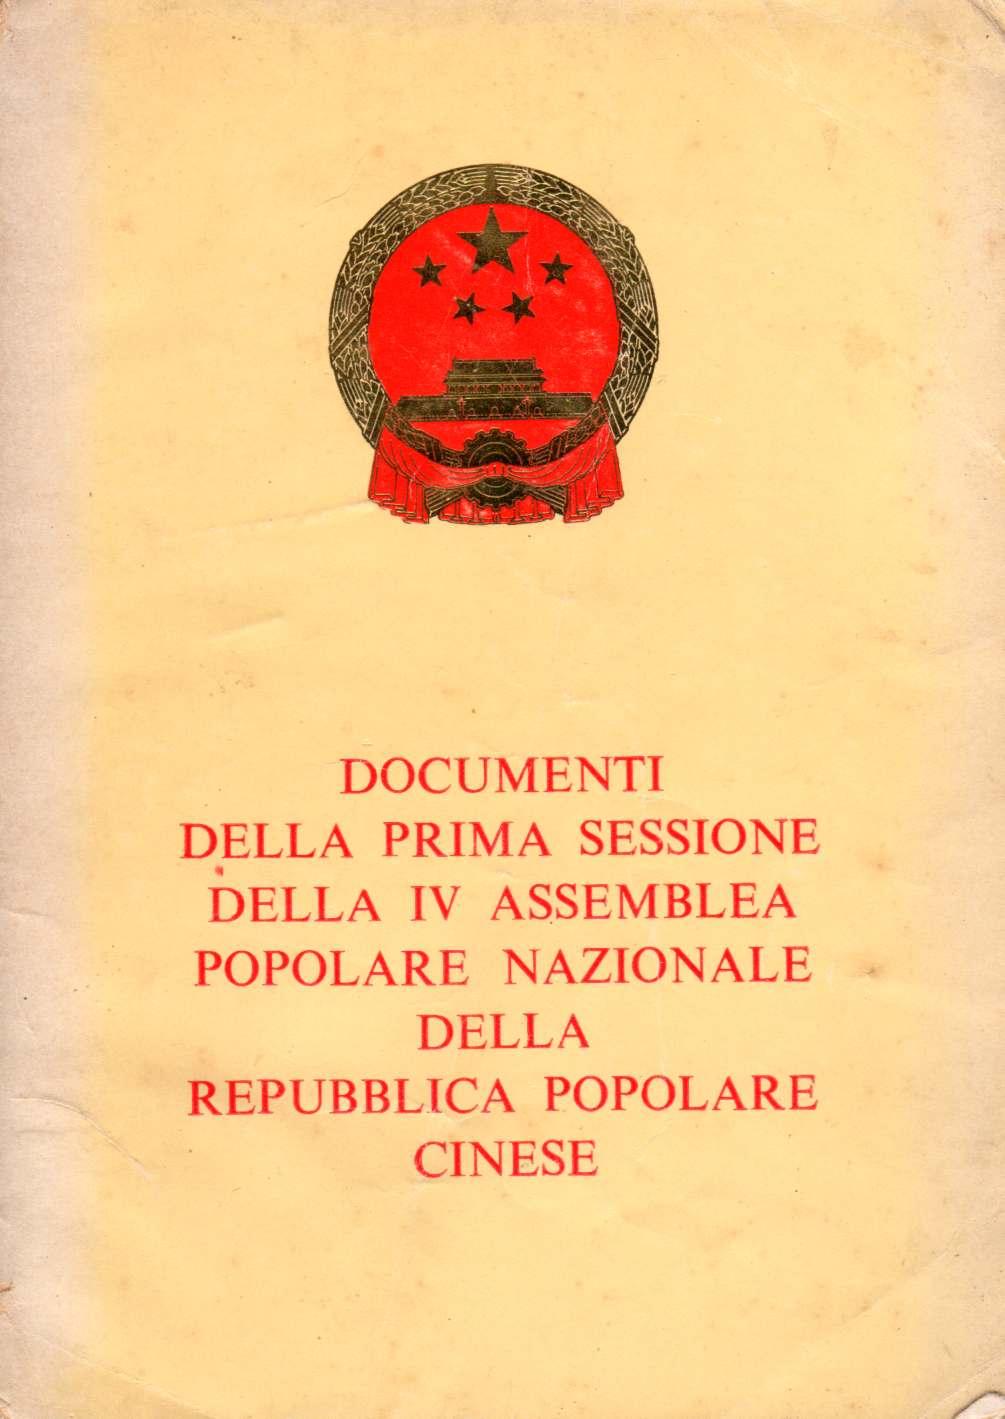 Documenti della prima sessione della IV assemblea popolare nazionale della Repubblica popolare cinese